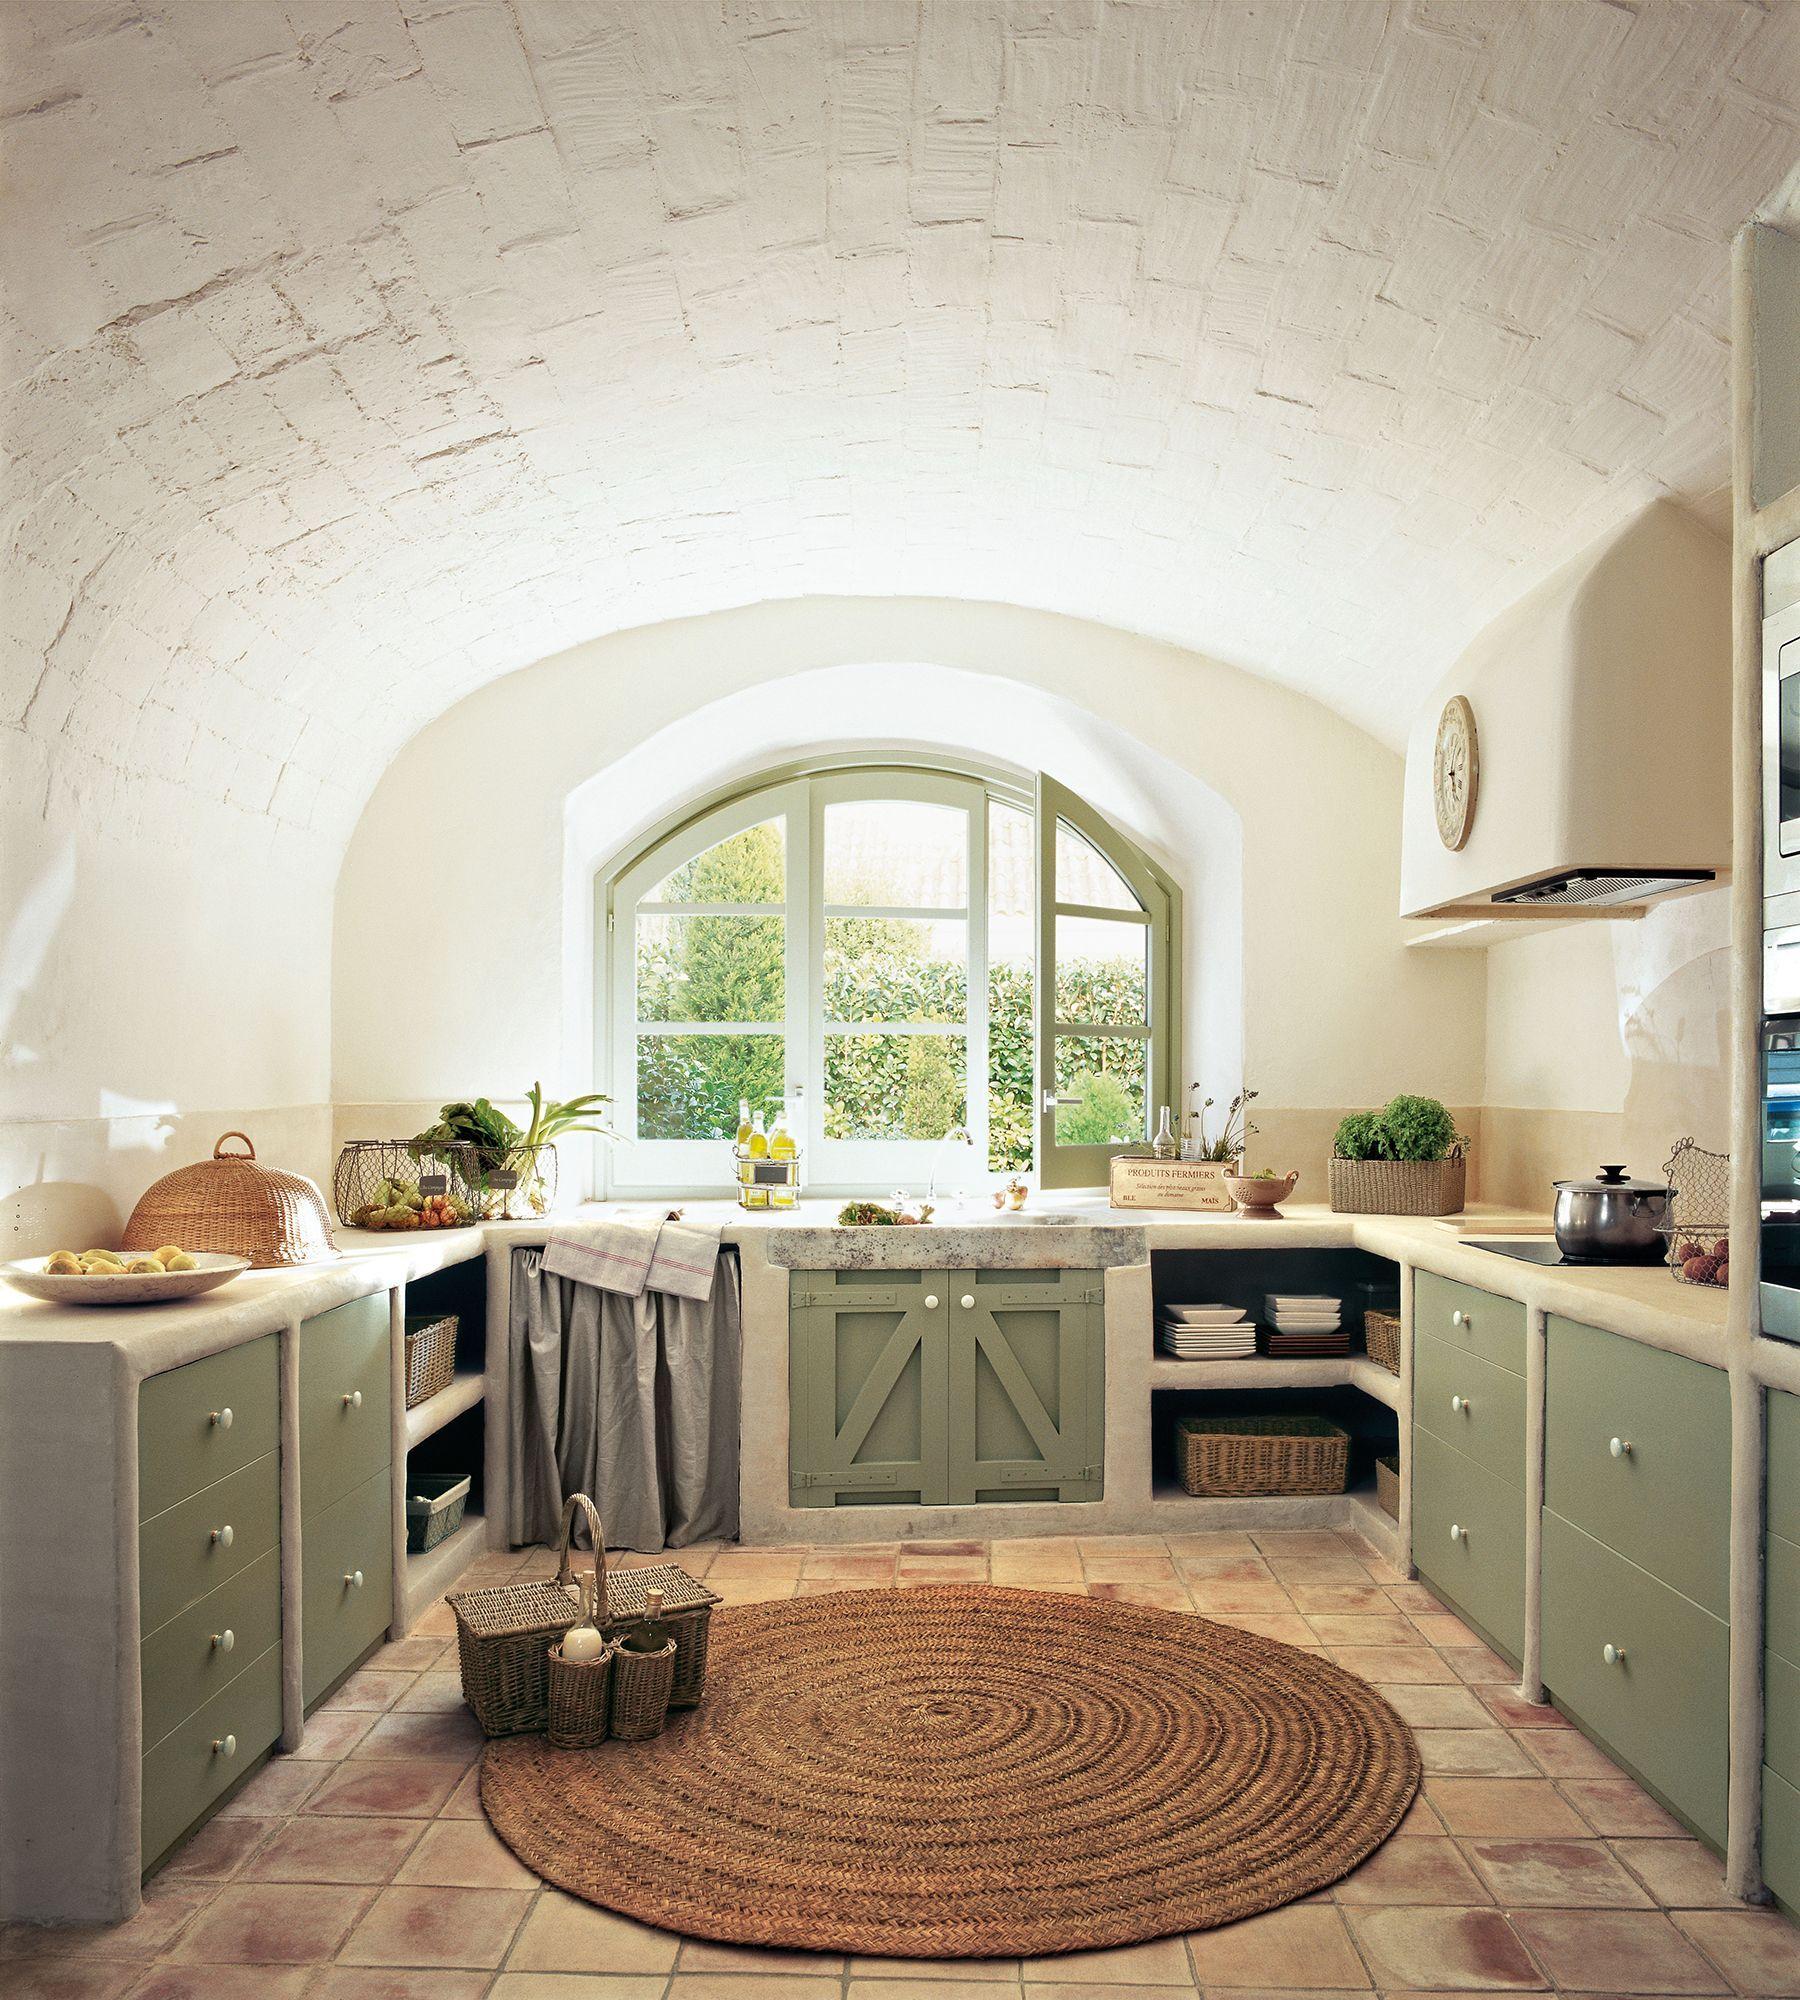 Cocina campestre con muebles de obra en verde_ 00277100 | Wohnung ...